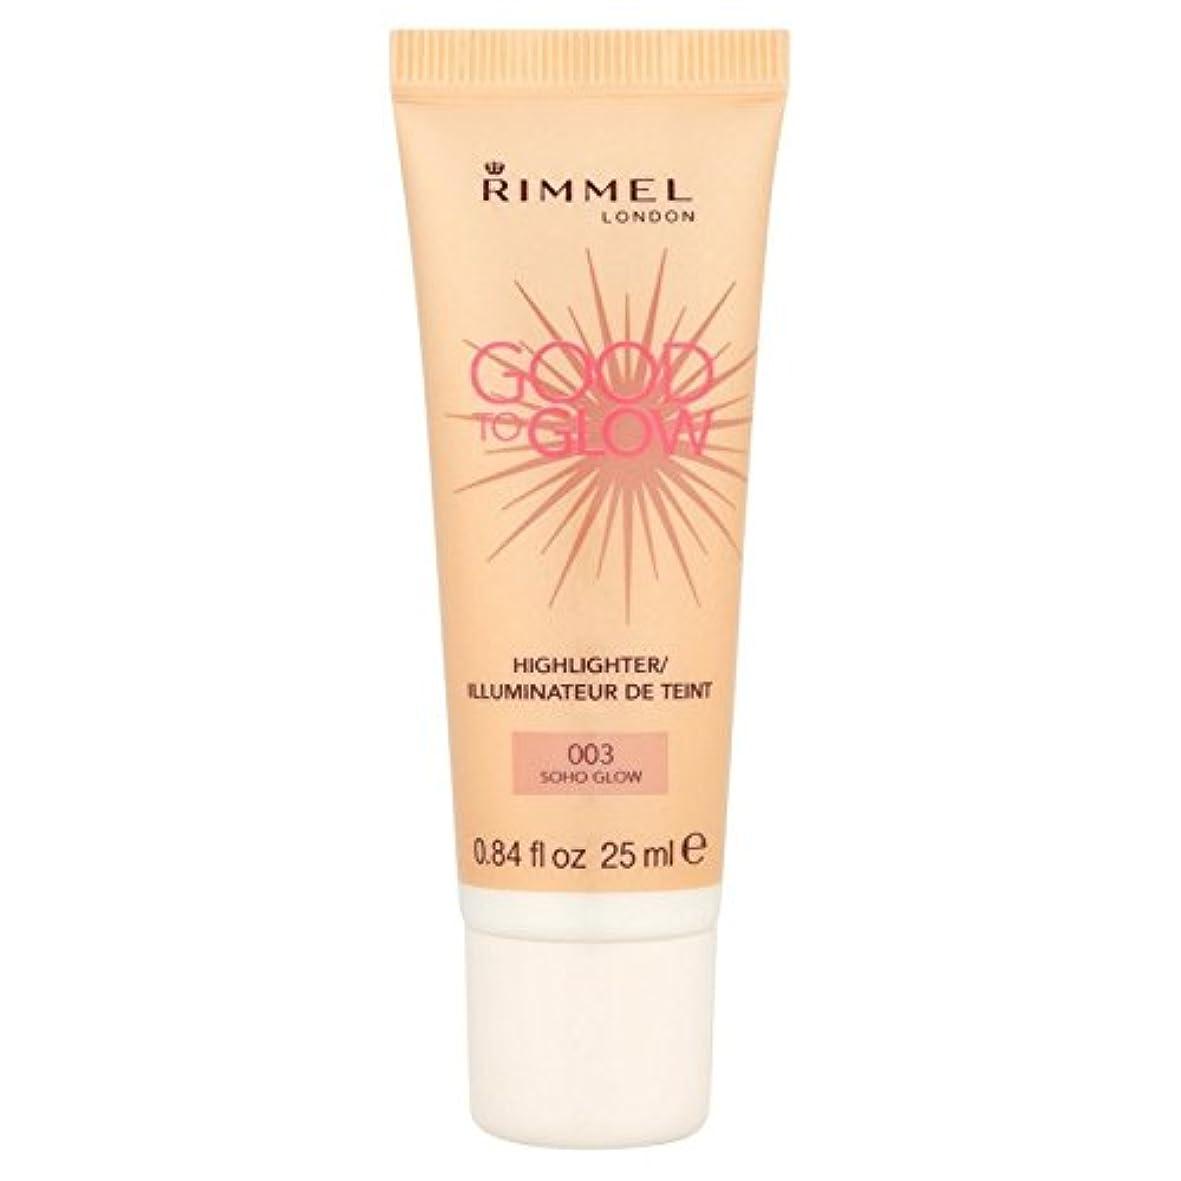 音節抗生物質公然と照明グローてもいいリンメル、グロー25ミリリットル x4 - Rimmel Good To Glow Illuminator, Soho Glow 25ml (Pack of 4) [並行輸入品]